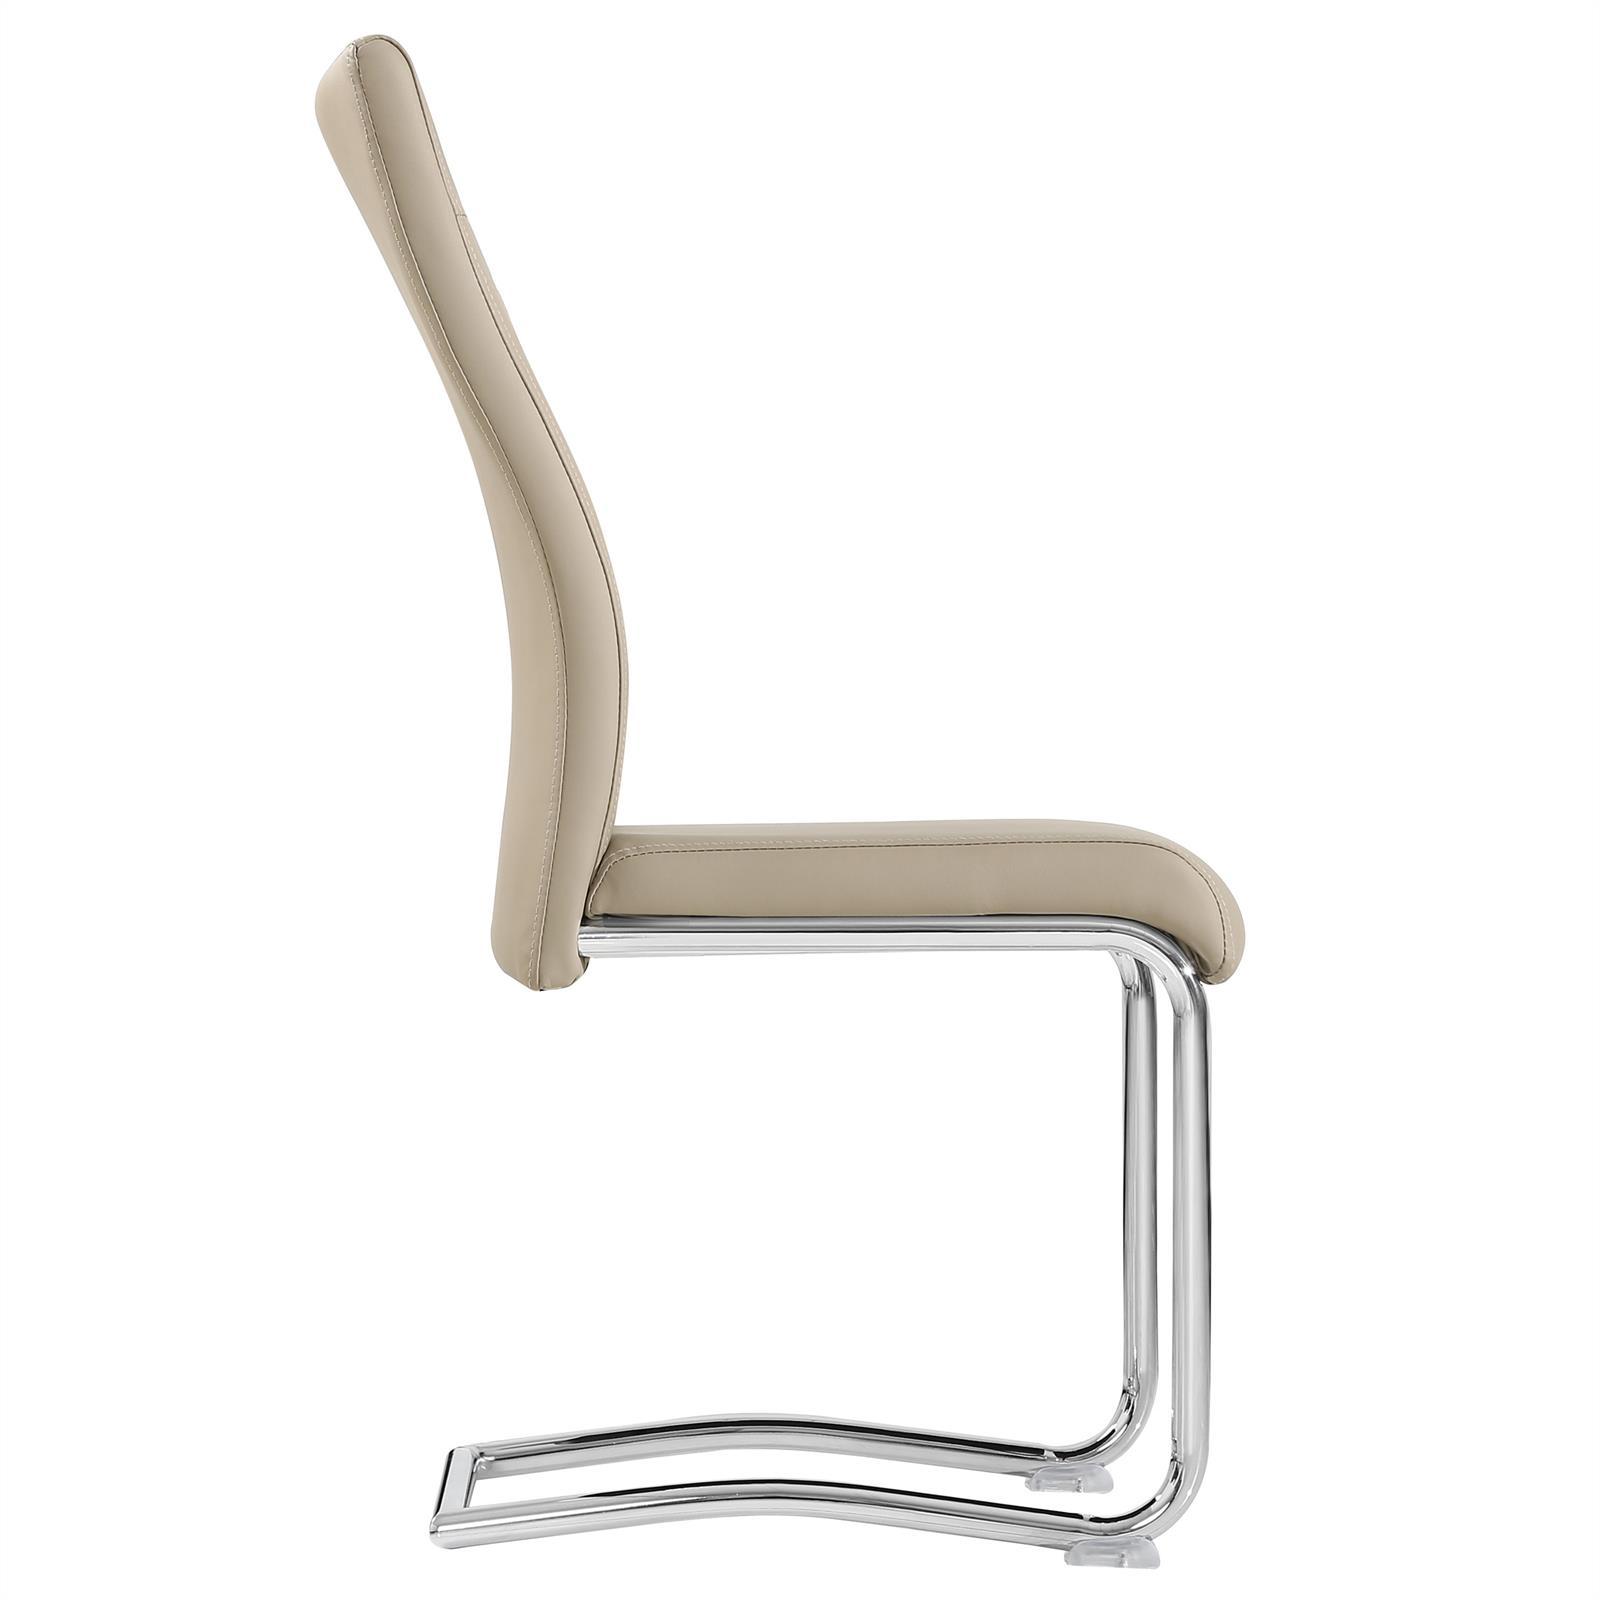 4er set esszimmerstuhl k chenstuhl schwingstuhl freischwinger chrom design ebay. Black Bedroom Furniture Sets. Home Design Ideas